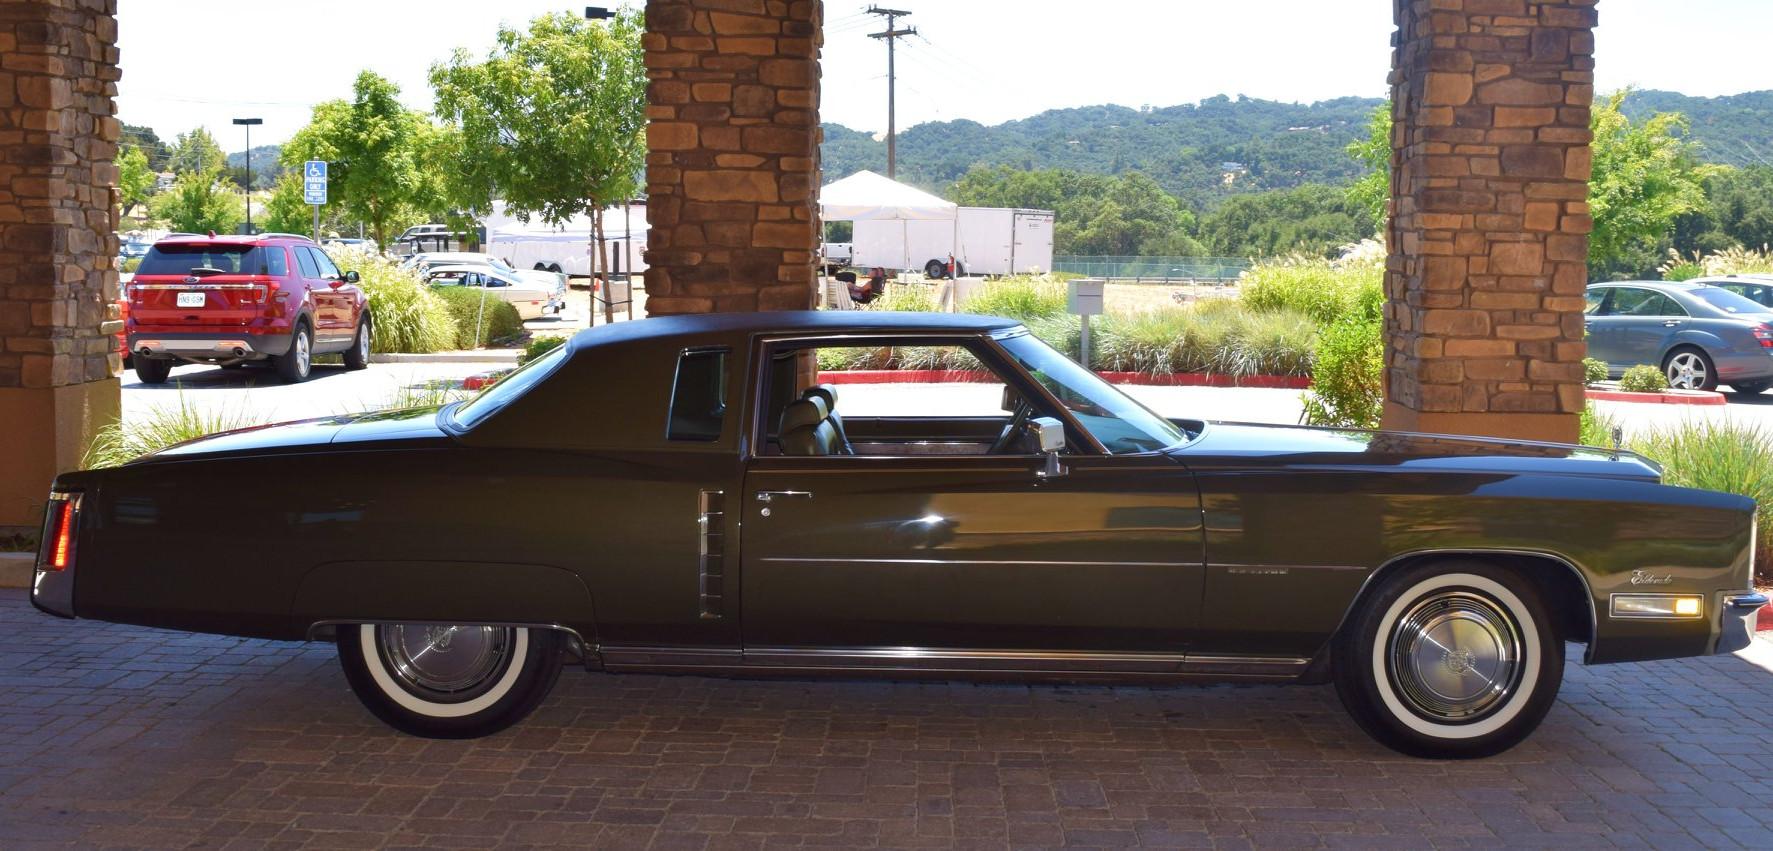 Car Show - Cadillac Eldorado in Avocado Green.jpg